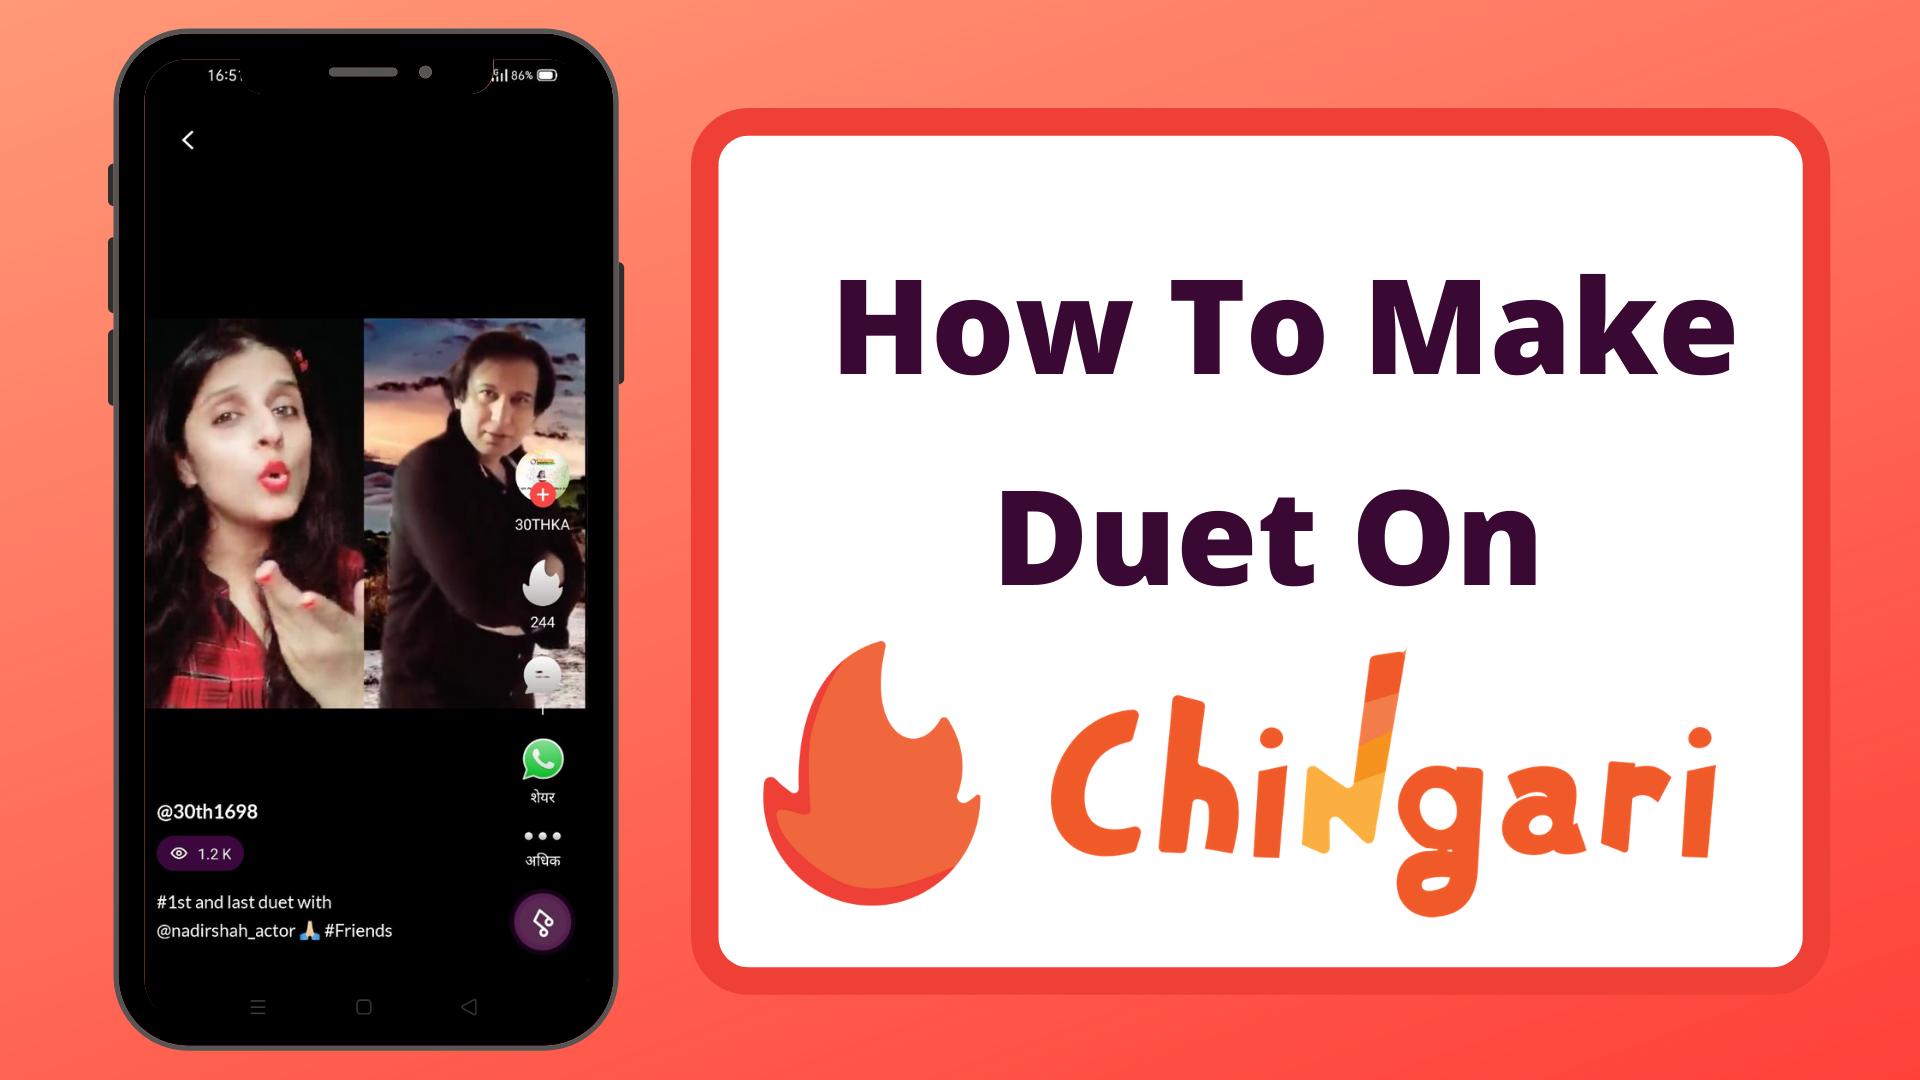 How-To-Make-Duet-On-Chingari?